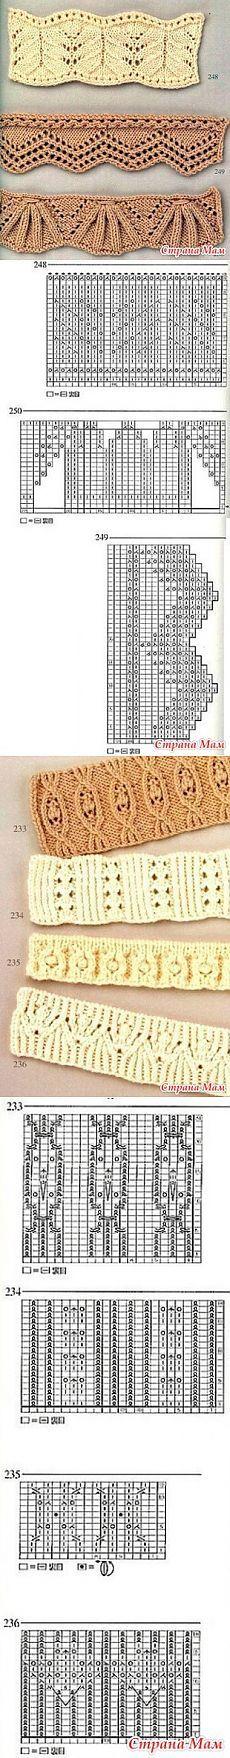 Ажурные резинки спицами - Вязание - Страна Мам